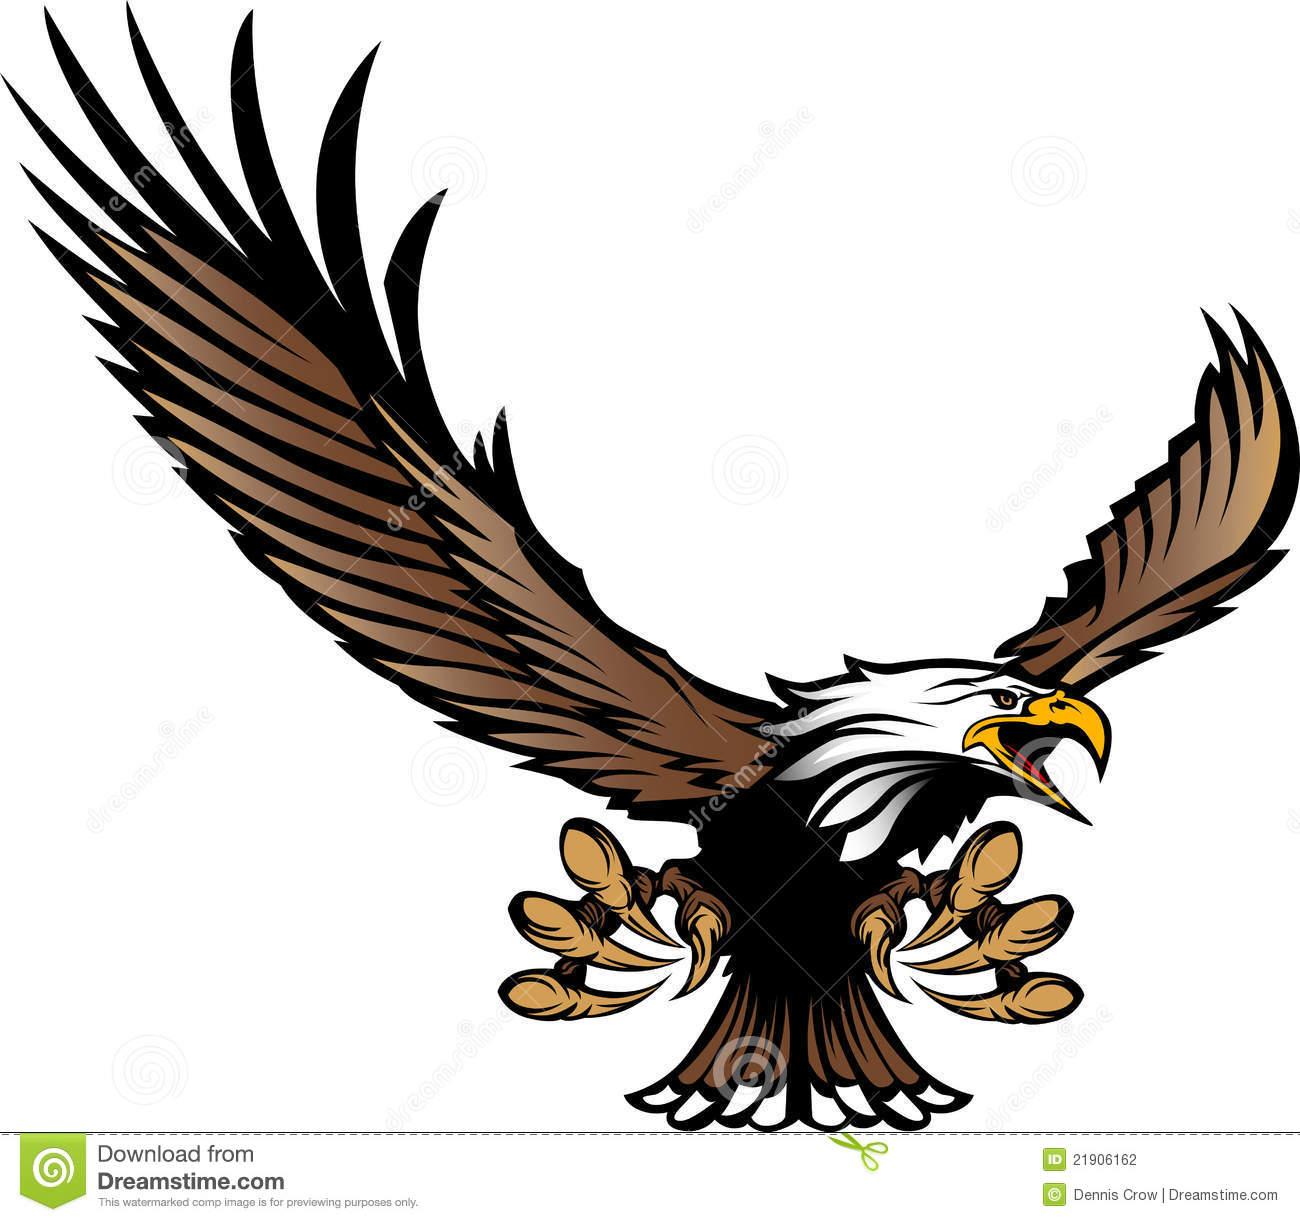 Eagle Claw Tattoo Designs